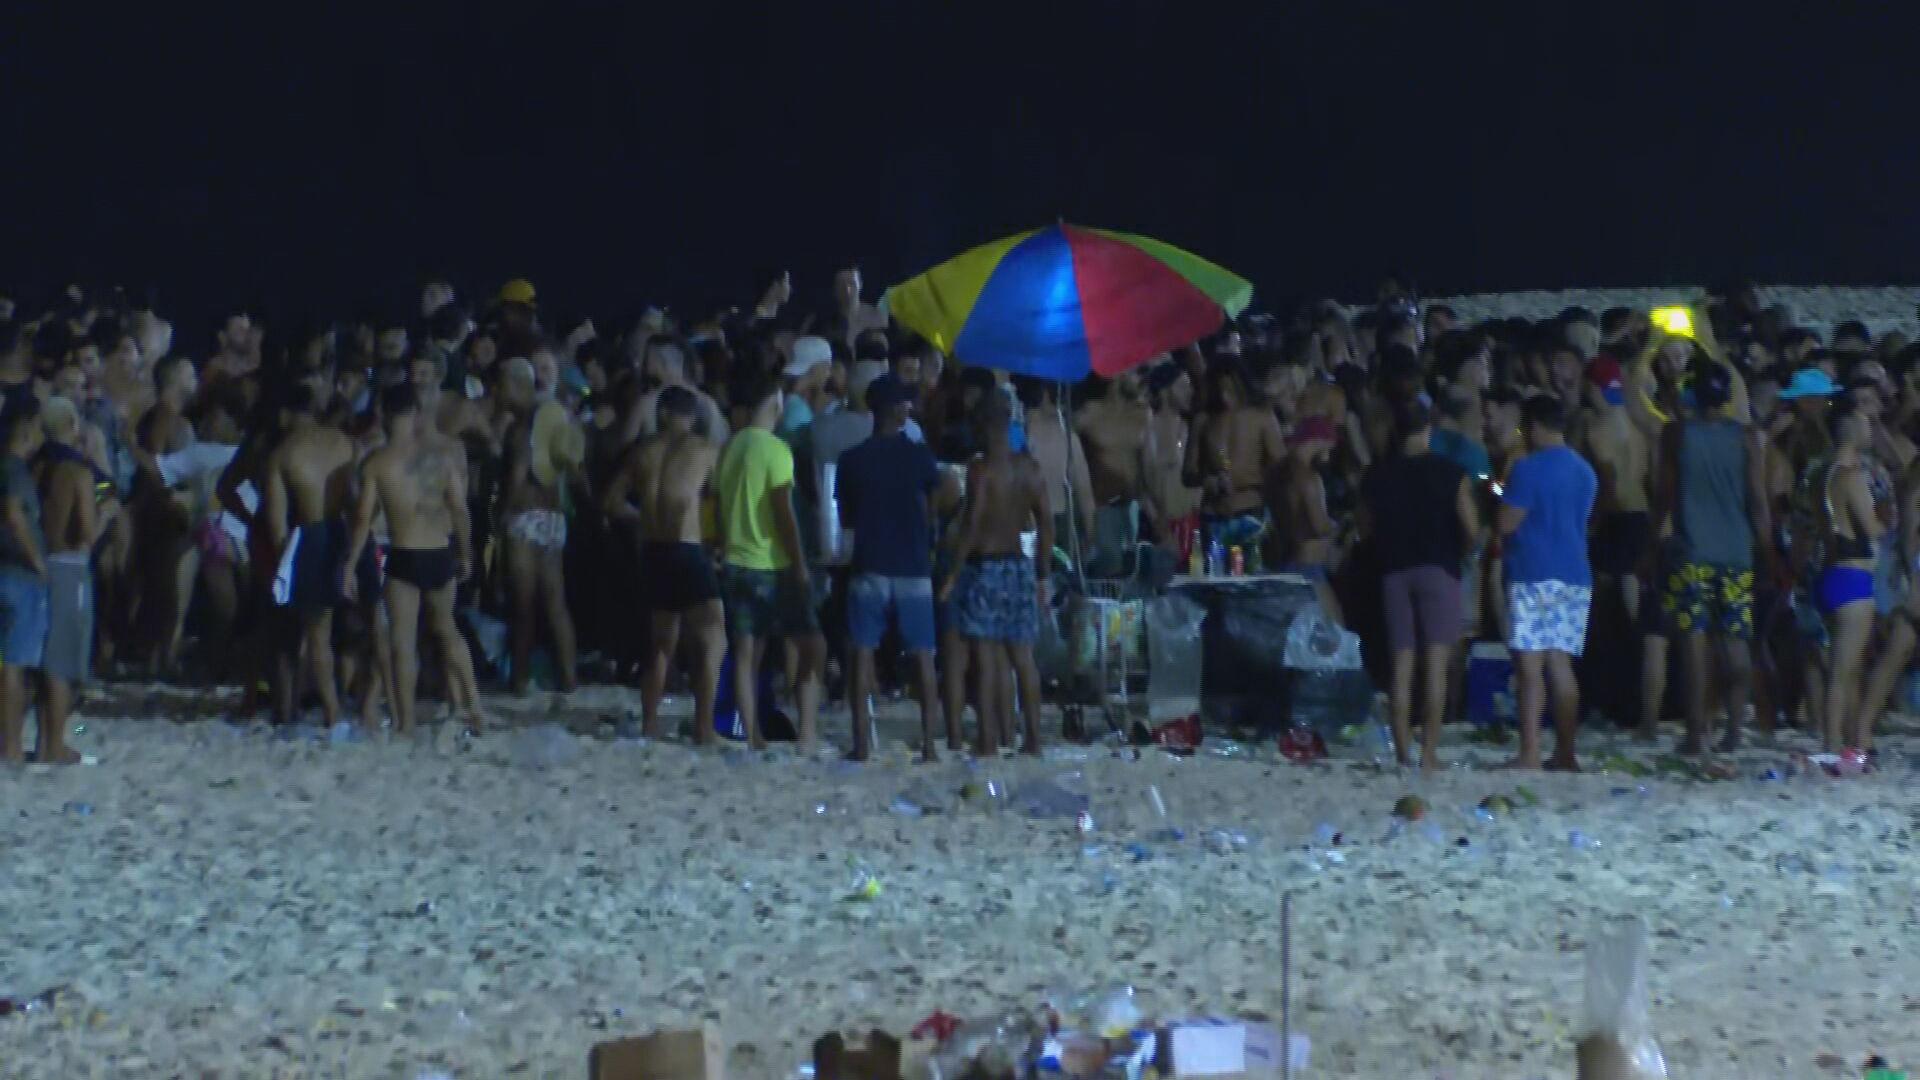 Equipe da CNN flagra aglomeração em praia no Rio de Janeiro